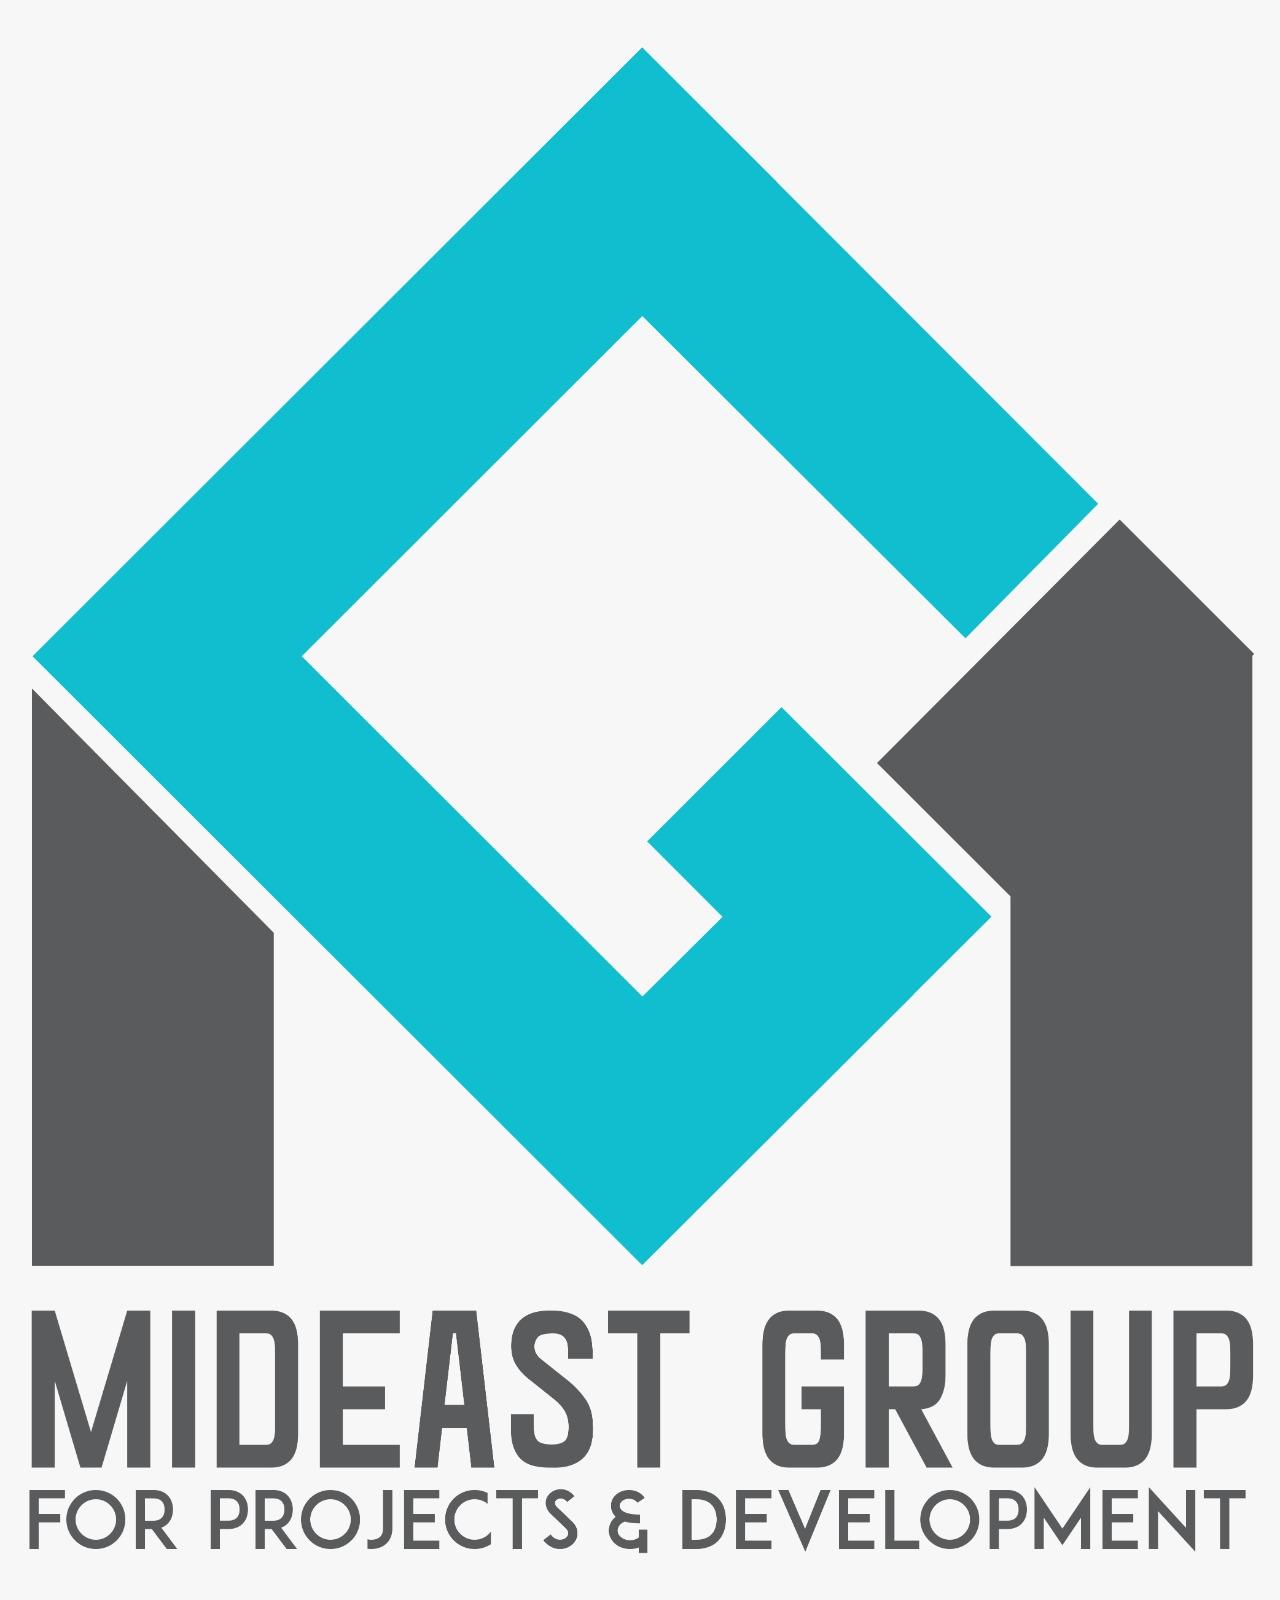 المجموعة الشرق اوسطية للمشاريع والتنمية